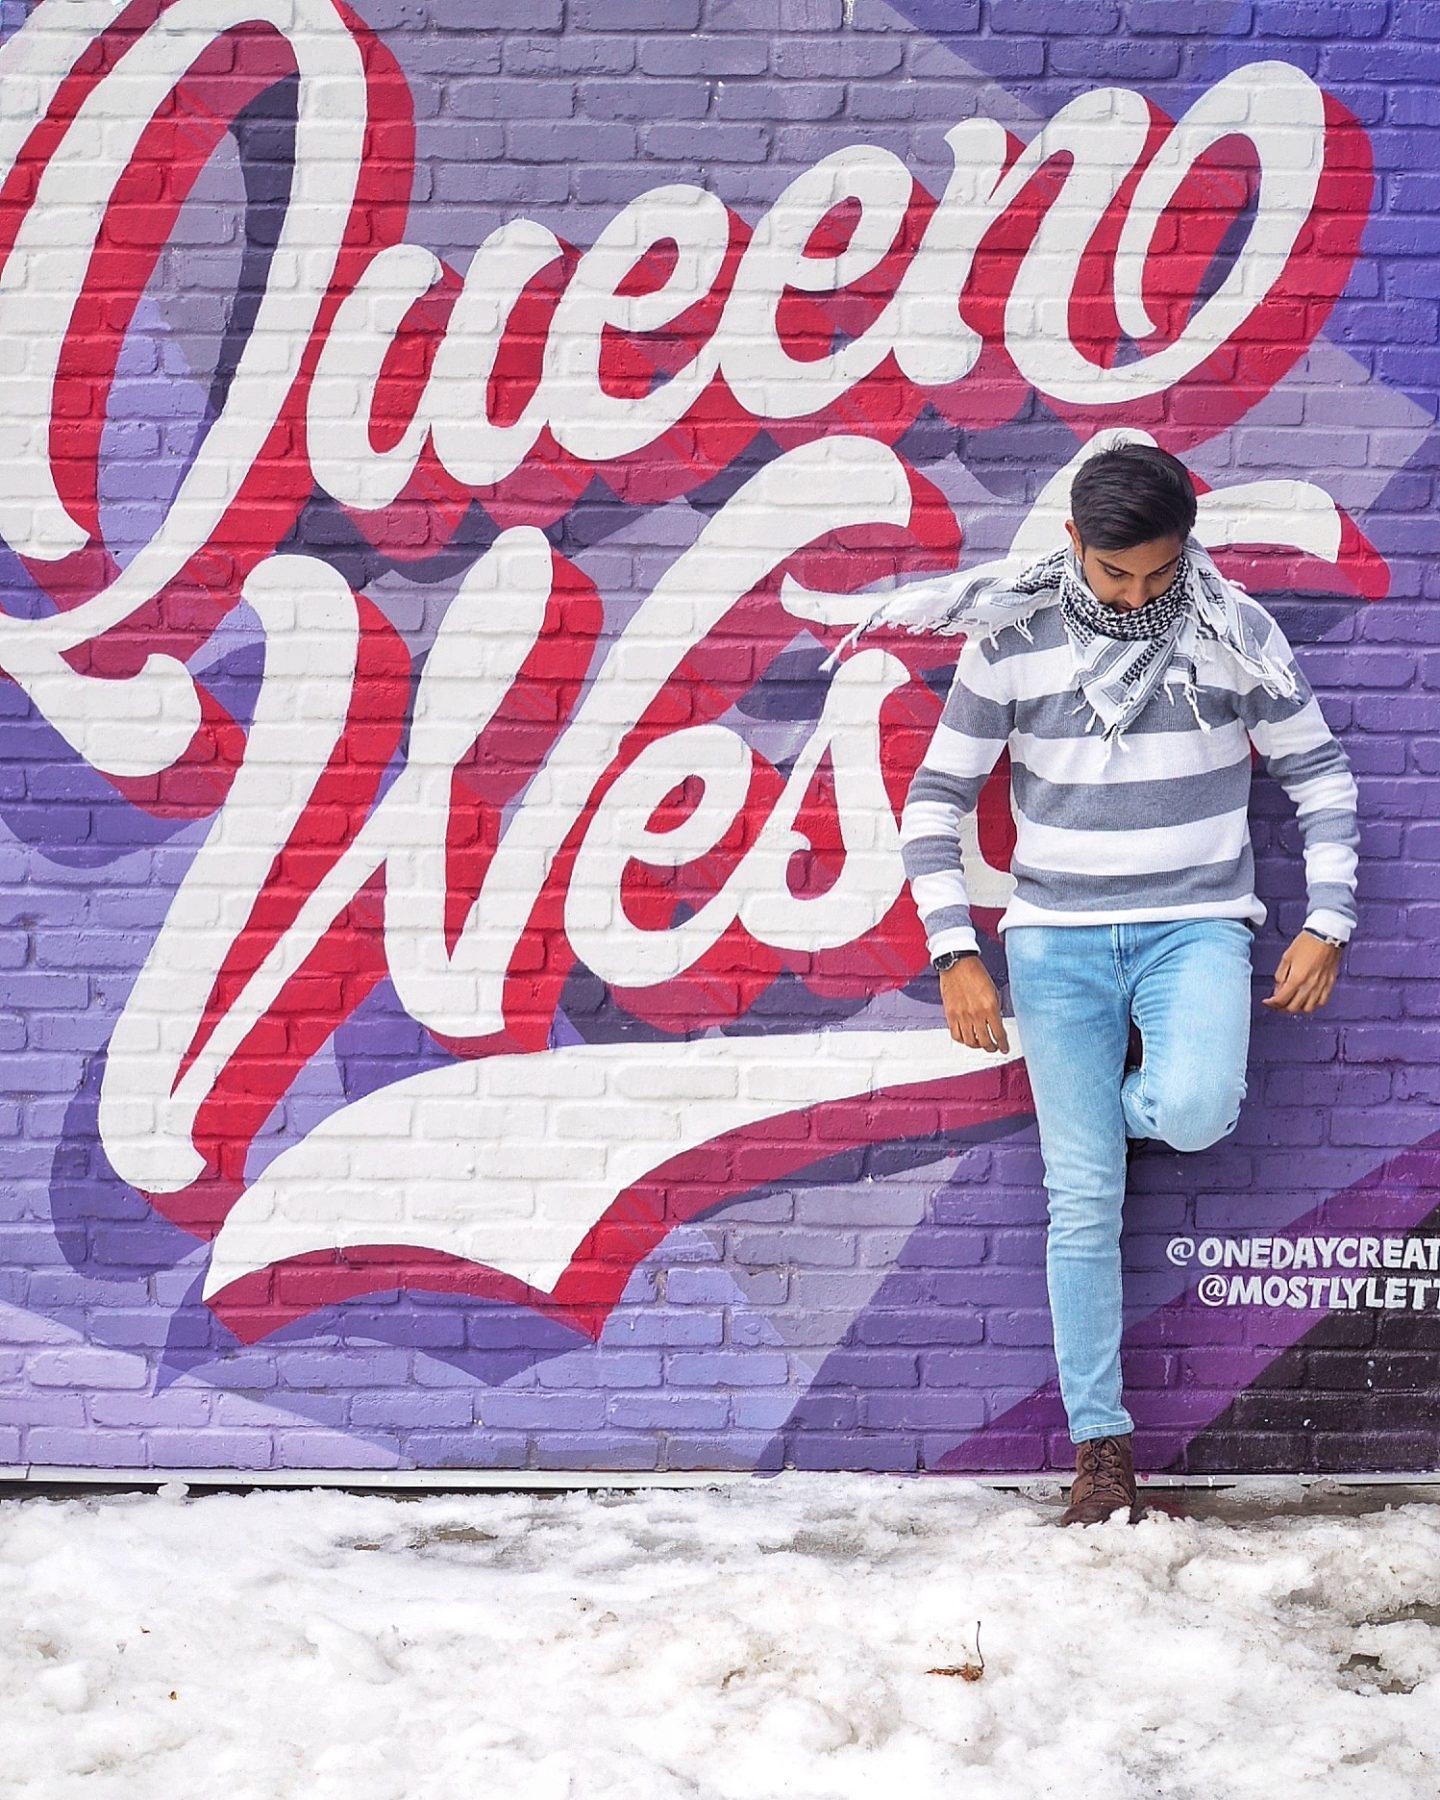 Street art in queens, Toronto